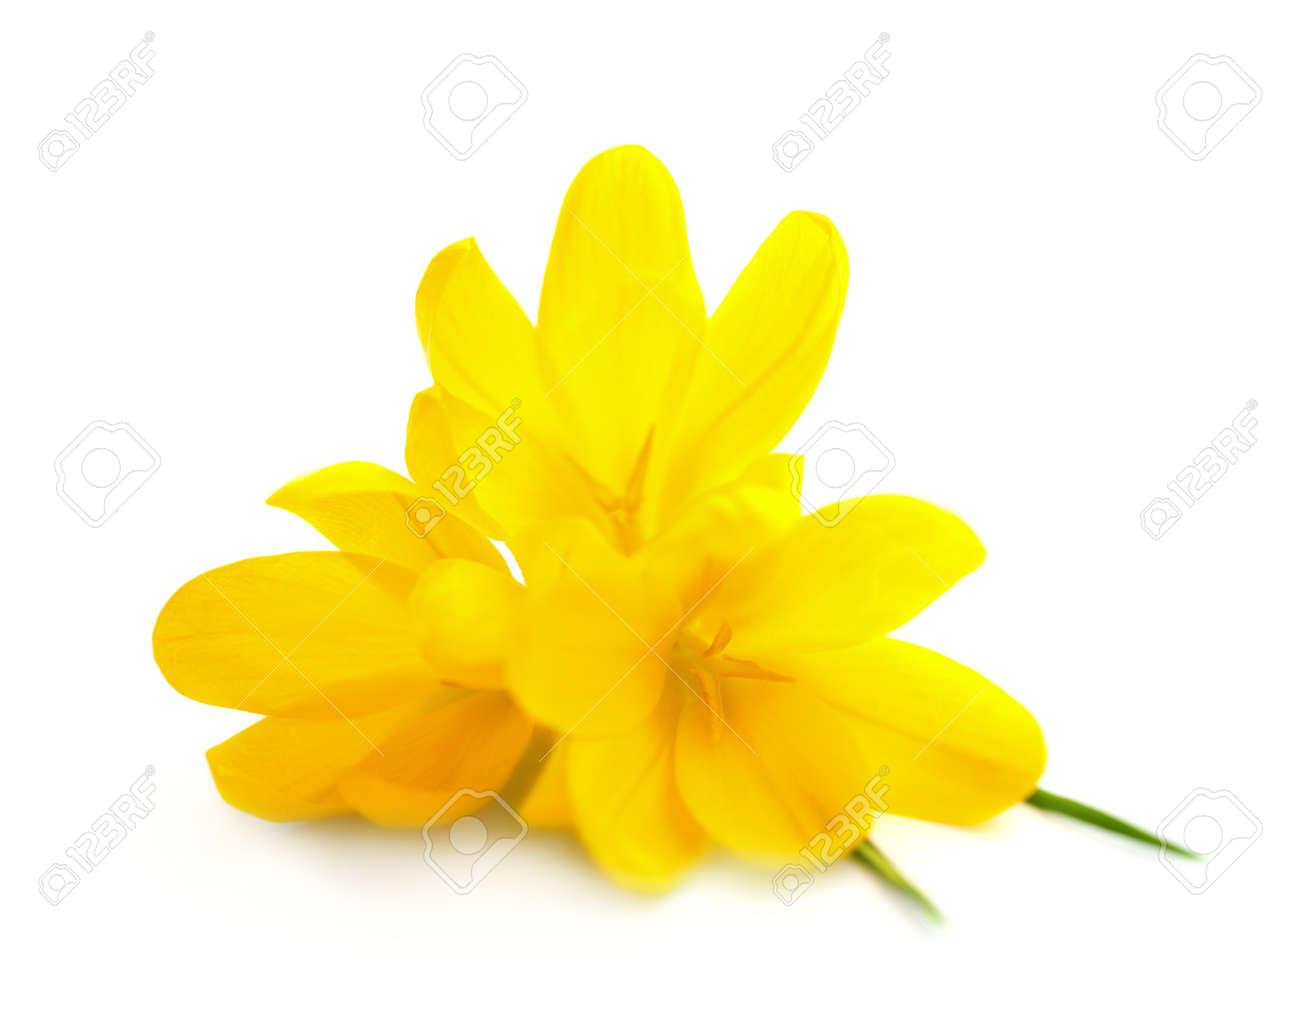 Жёлтые цветы на белом фоне